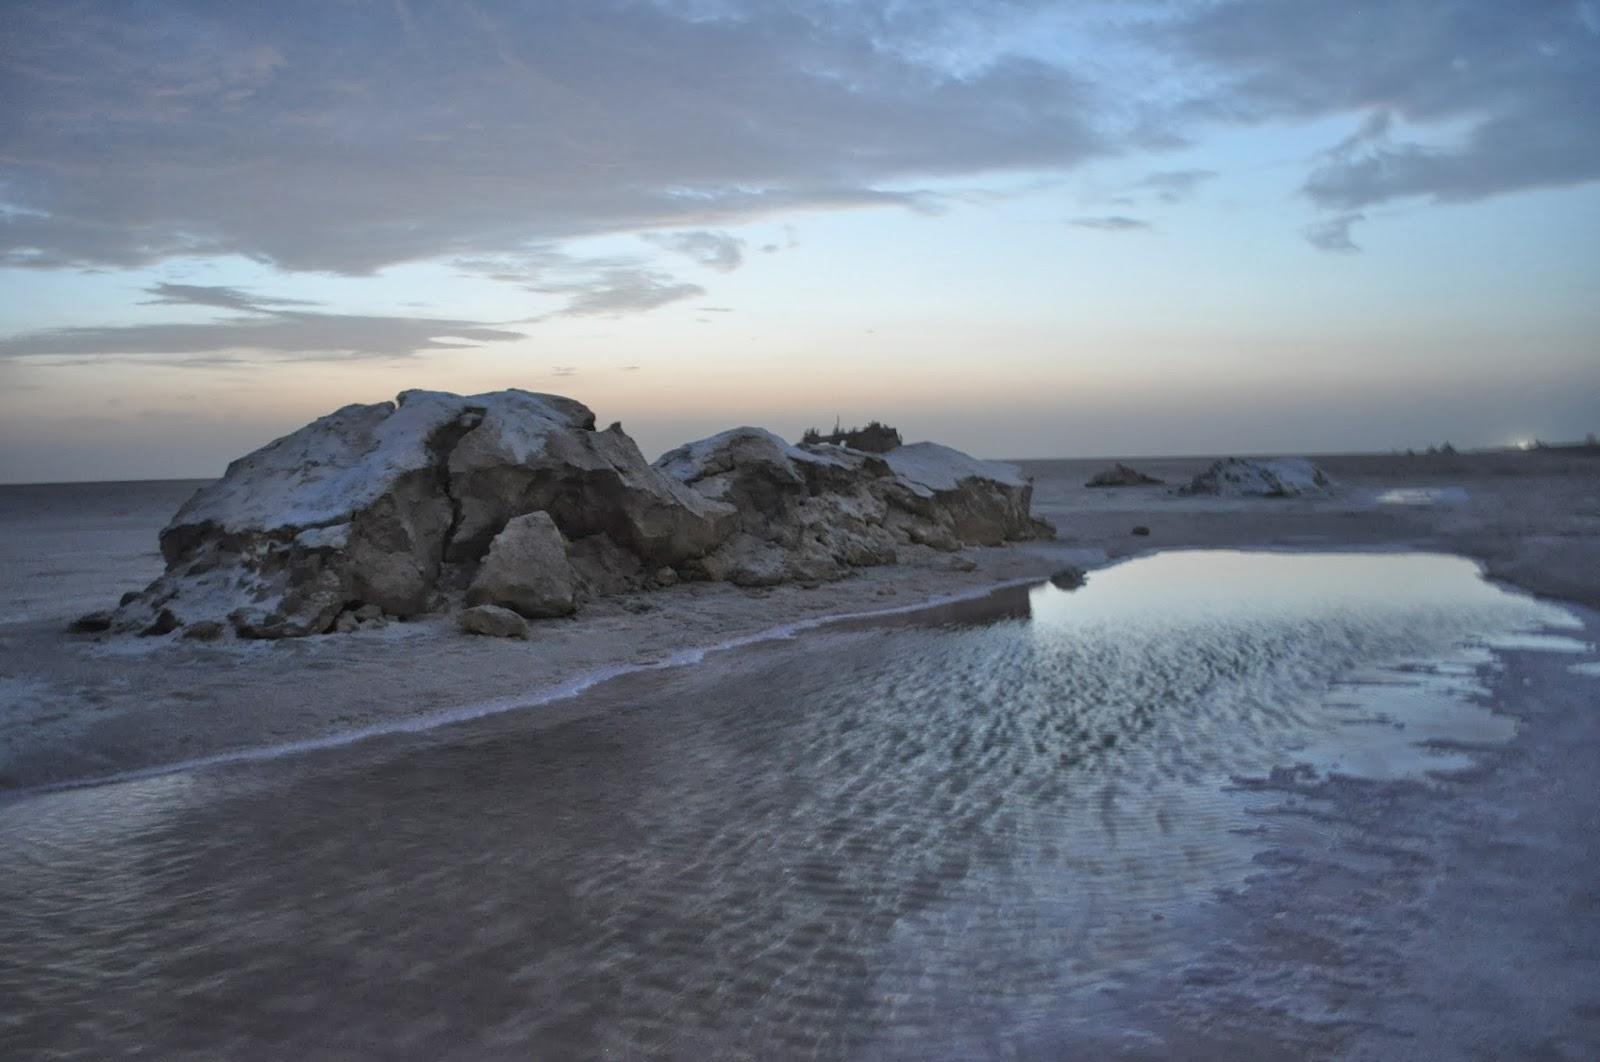 На развиделяване край Соленото езеро в Сахара, Тунис. Може би така ще изглежда Земята след глобалната промяна на климата ?